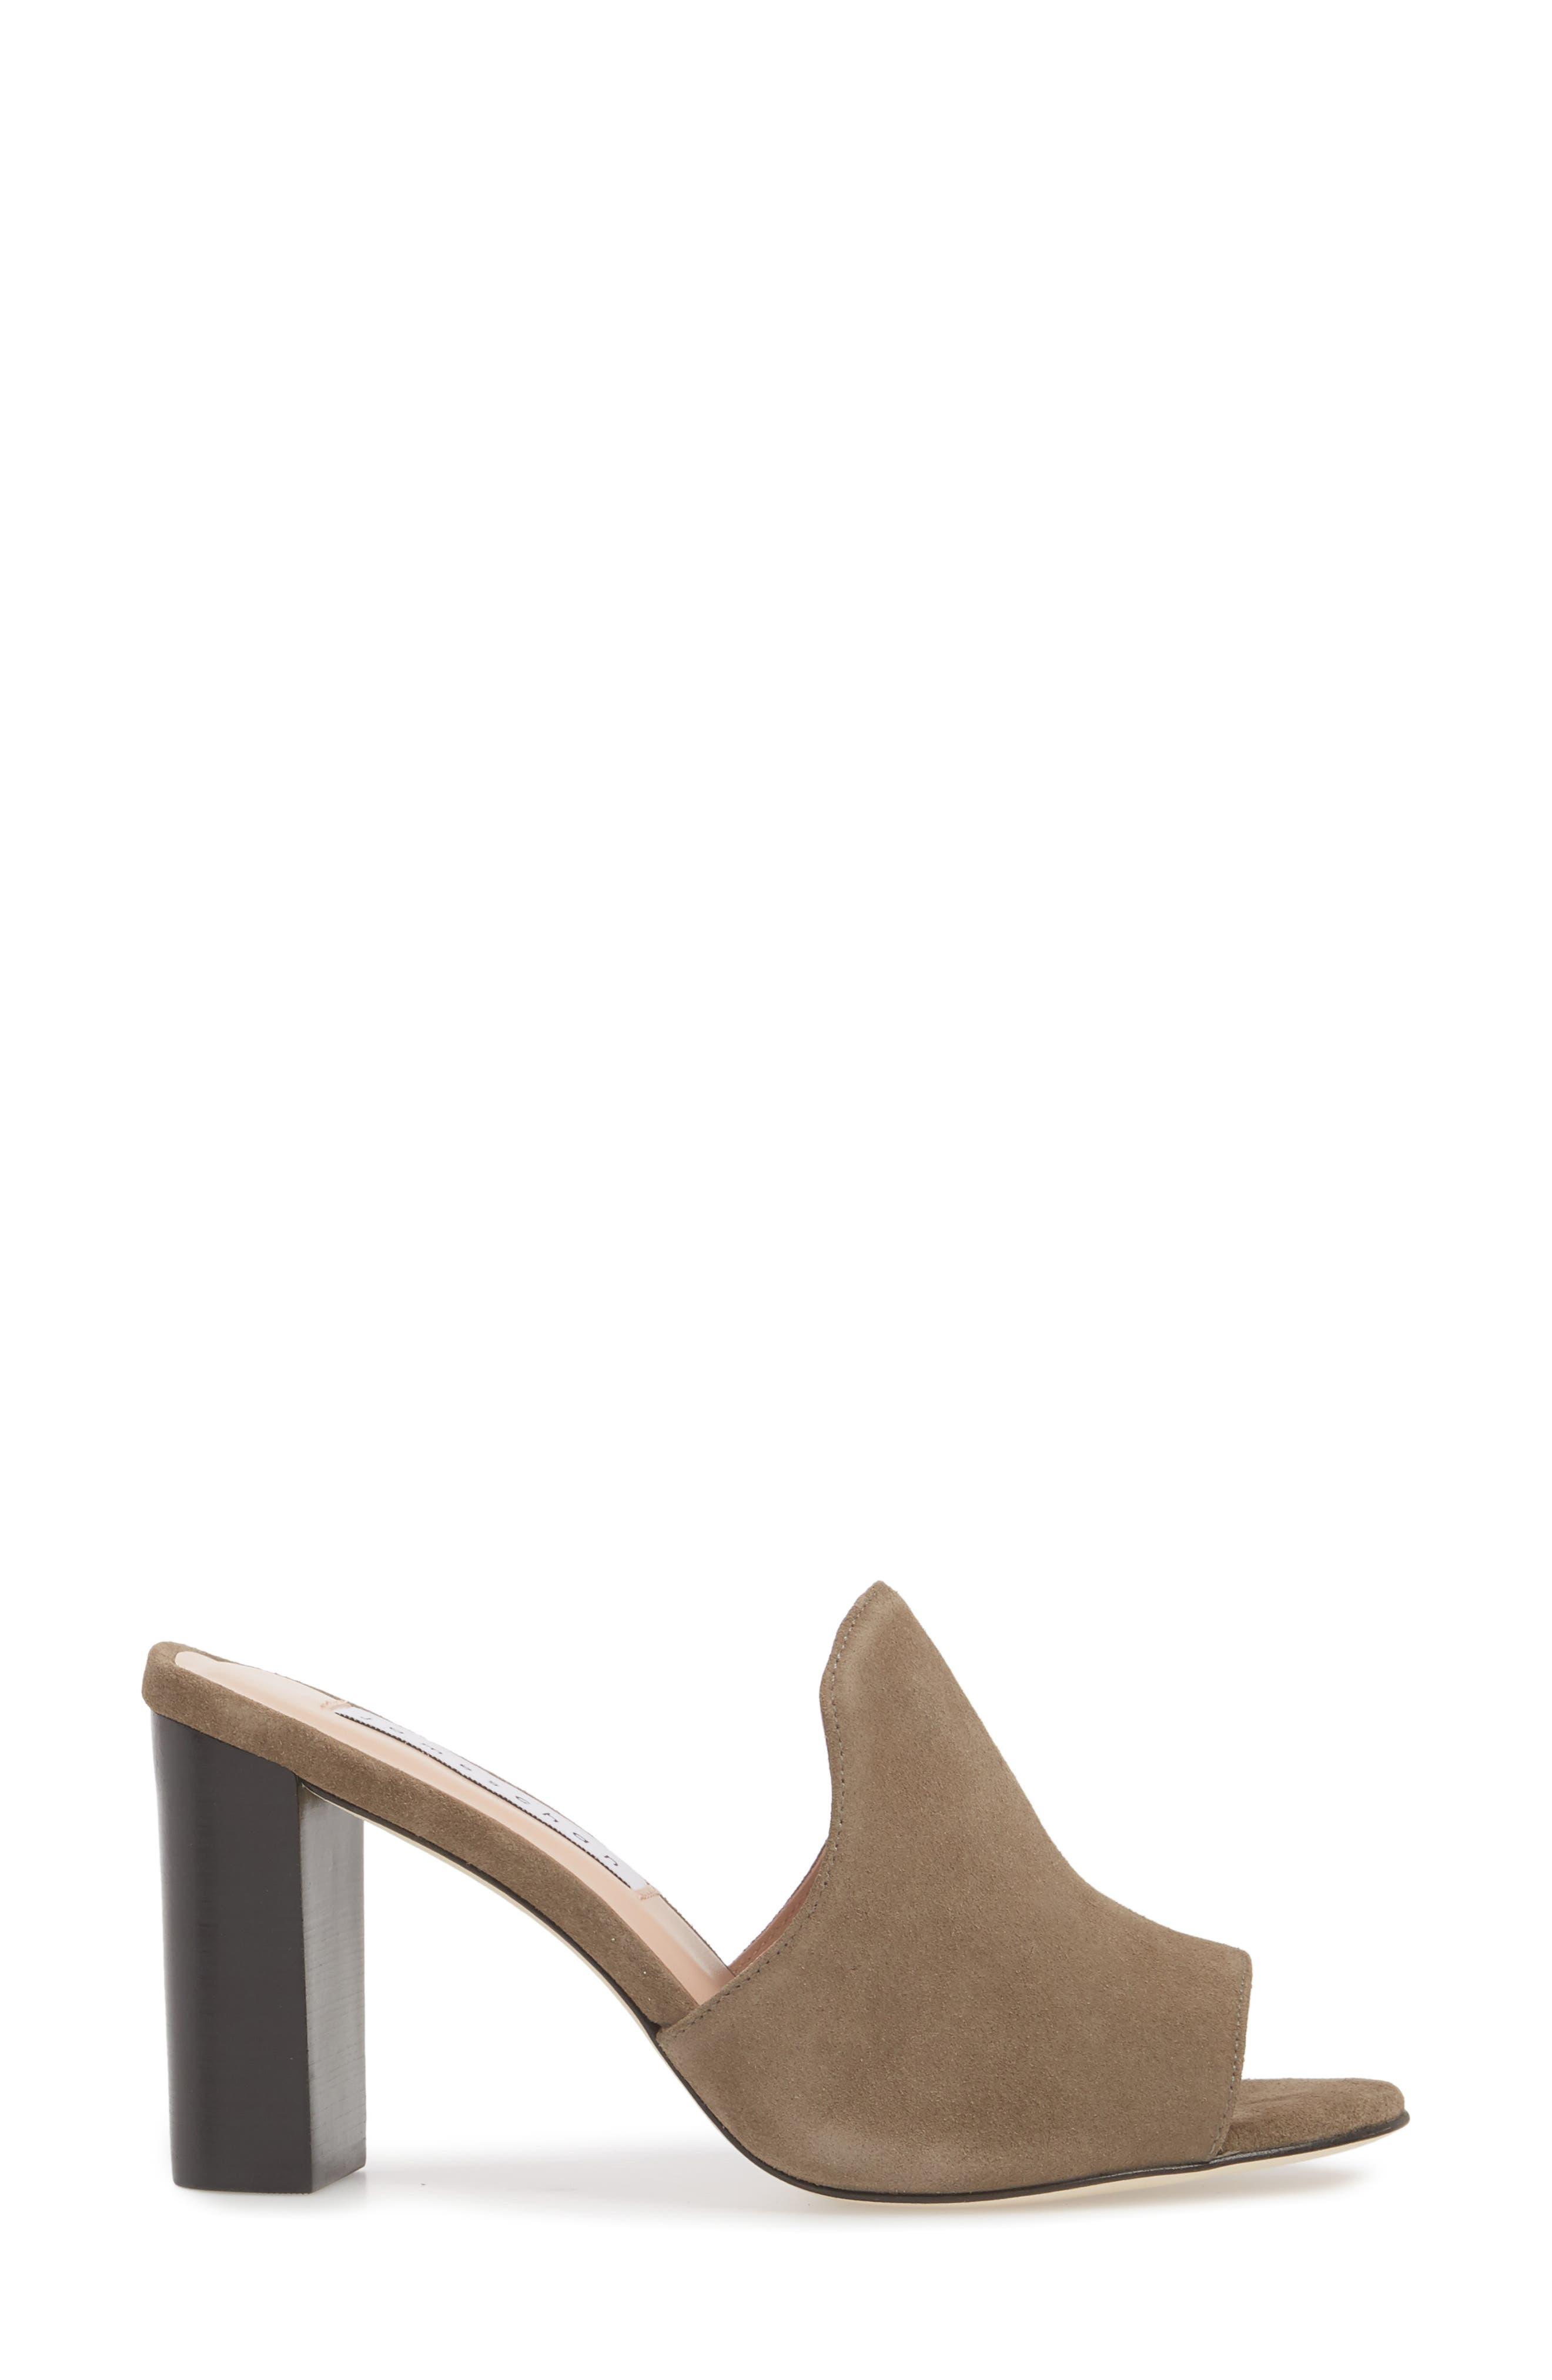 Aimee Block Heel Mule,                             Alternate thumbnail 3, color,                             Stone Suede